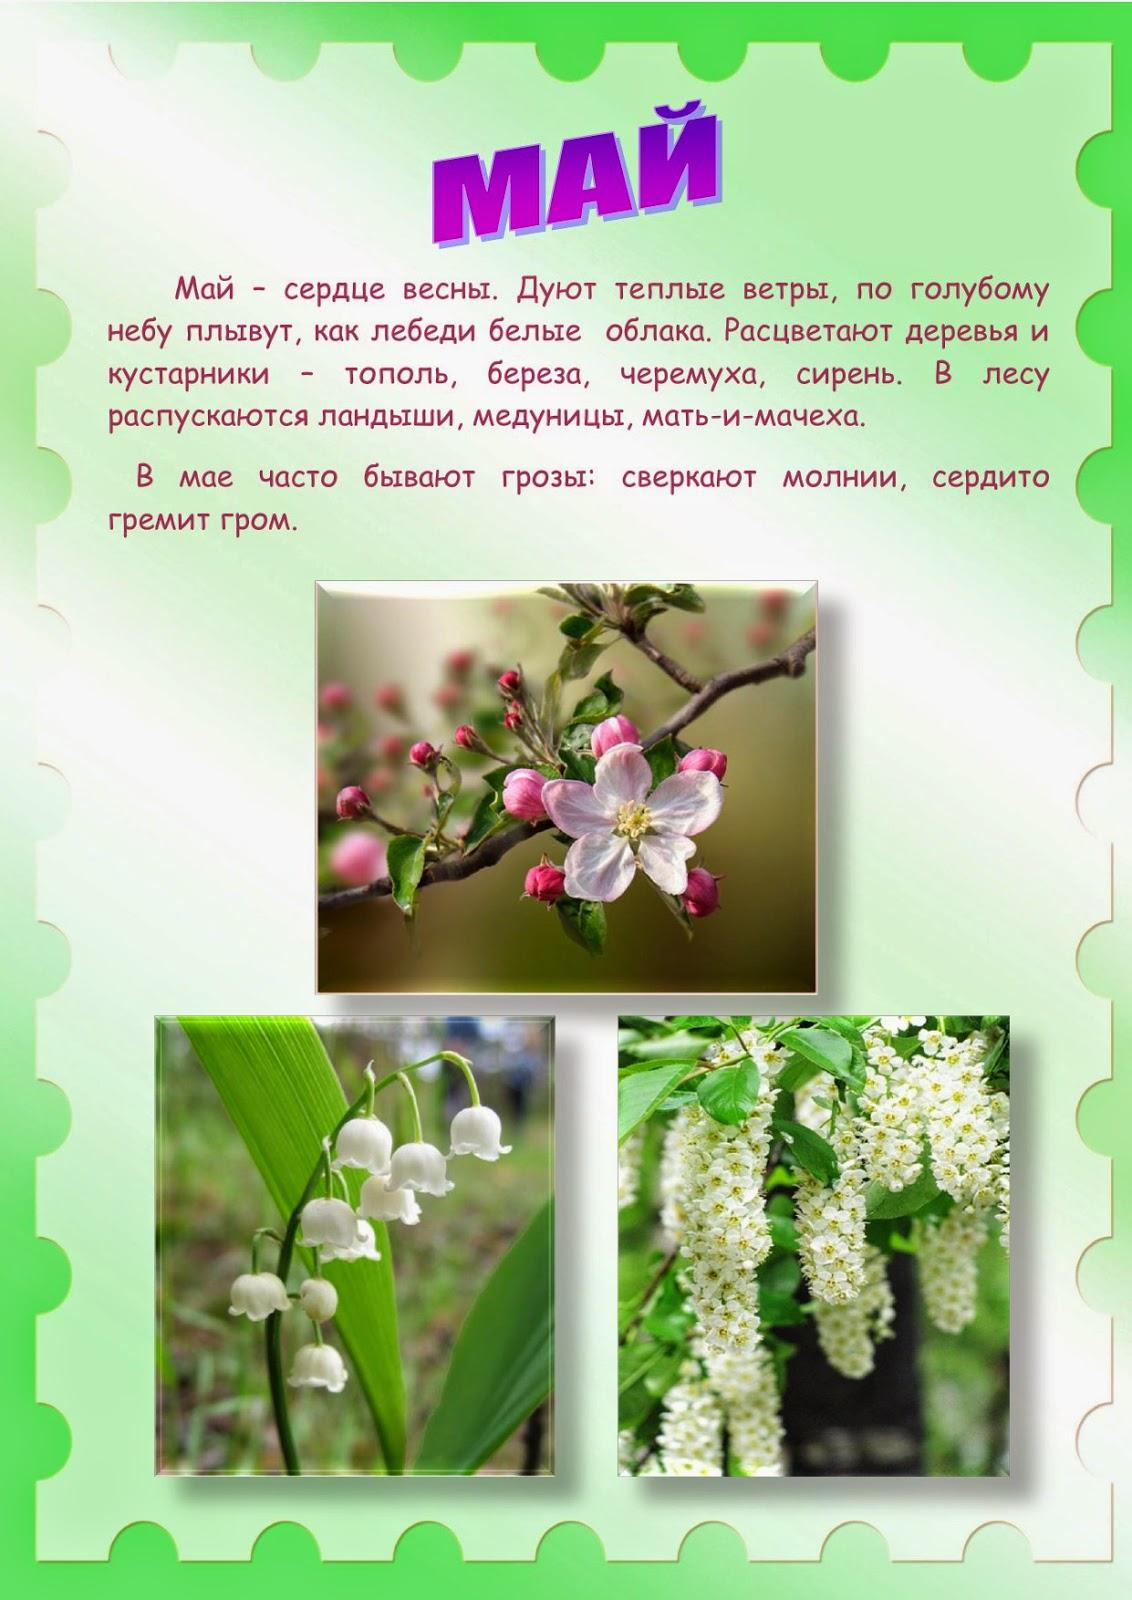 Красивые слова девушке на татарском языке